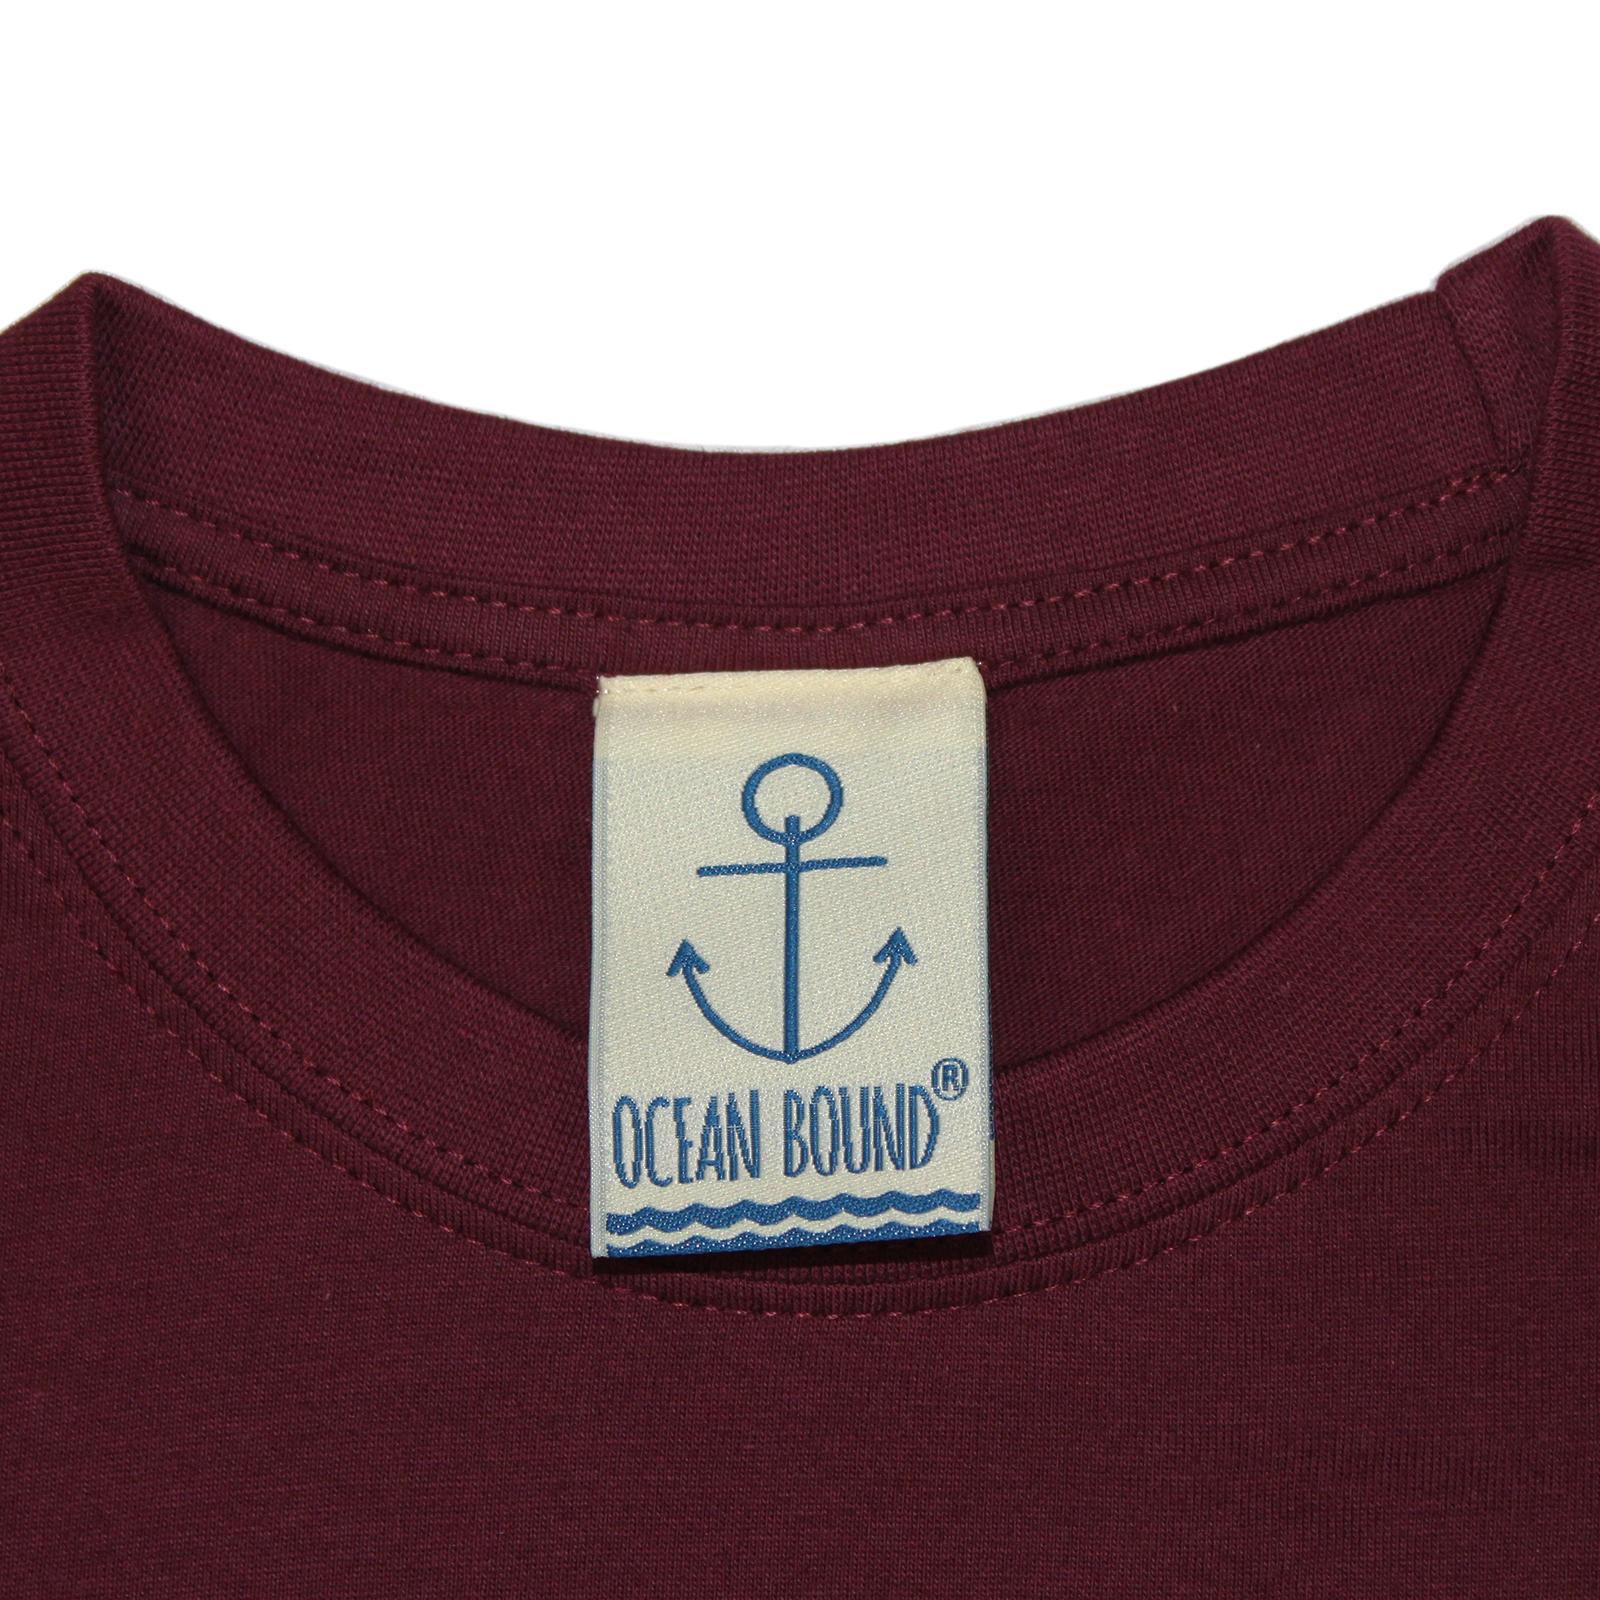 Sailing T-Shirt Funny Novelty Mens tee TShirt Captain